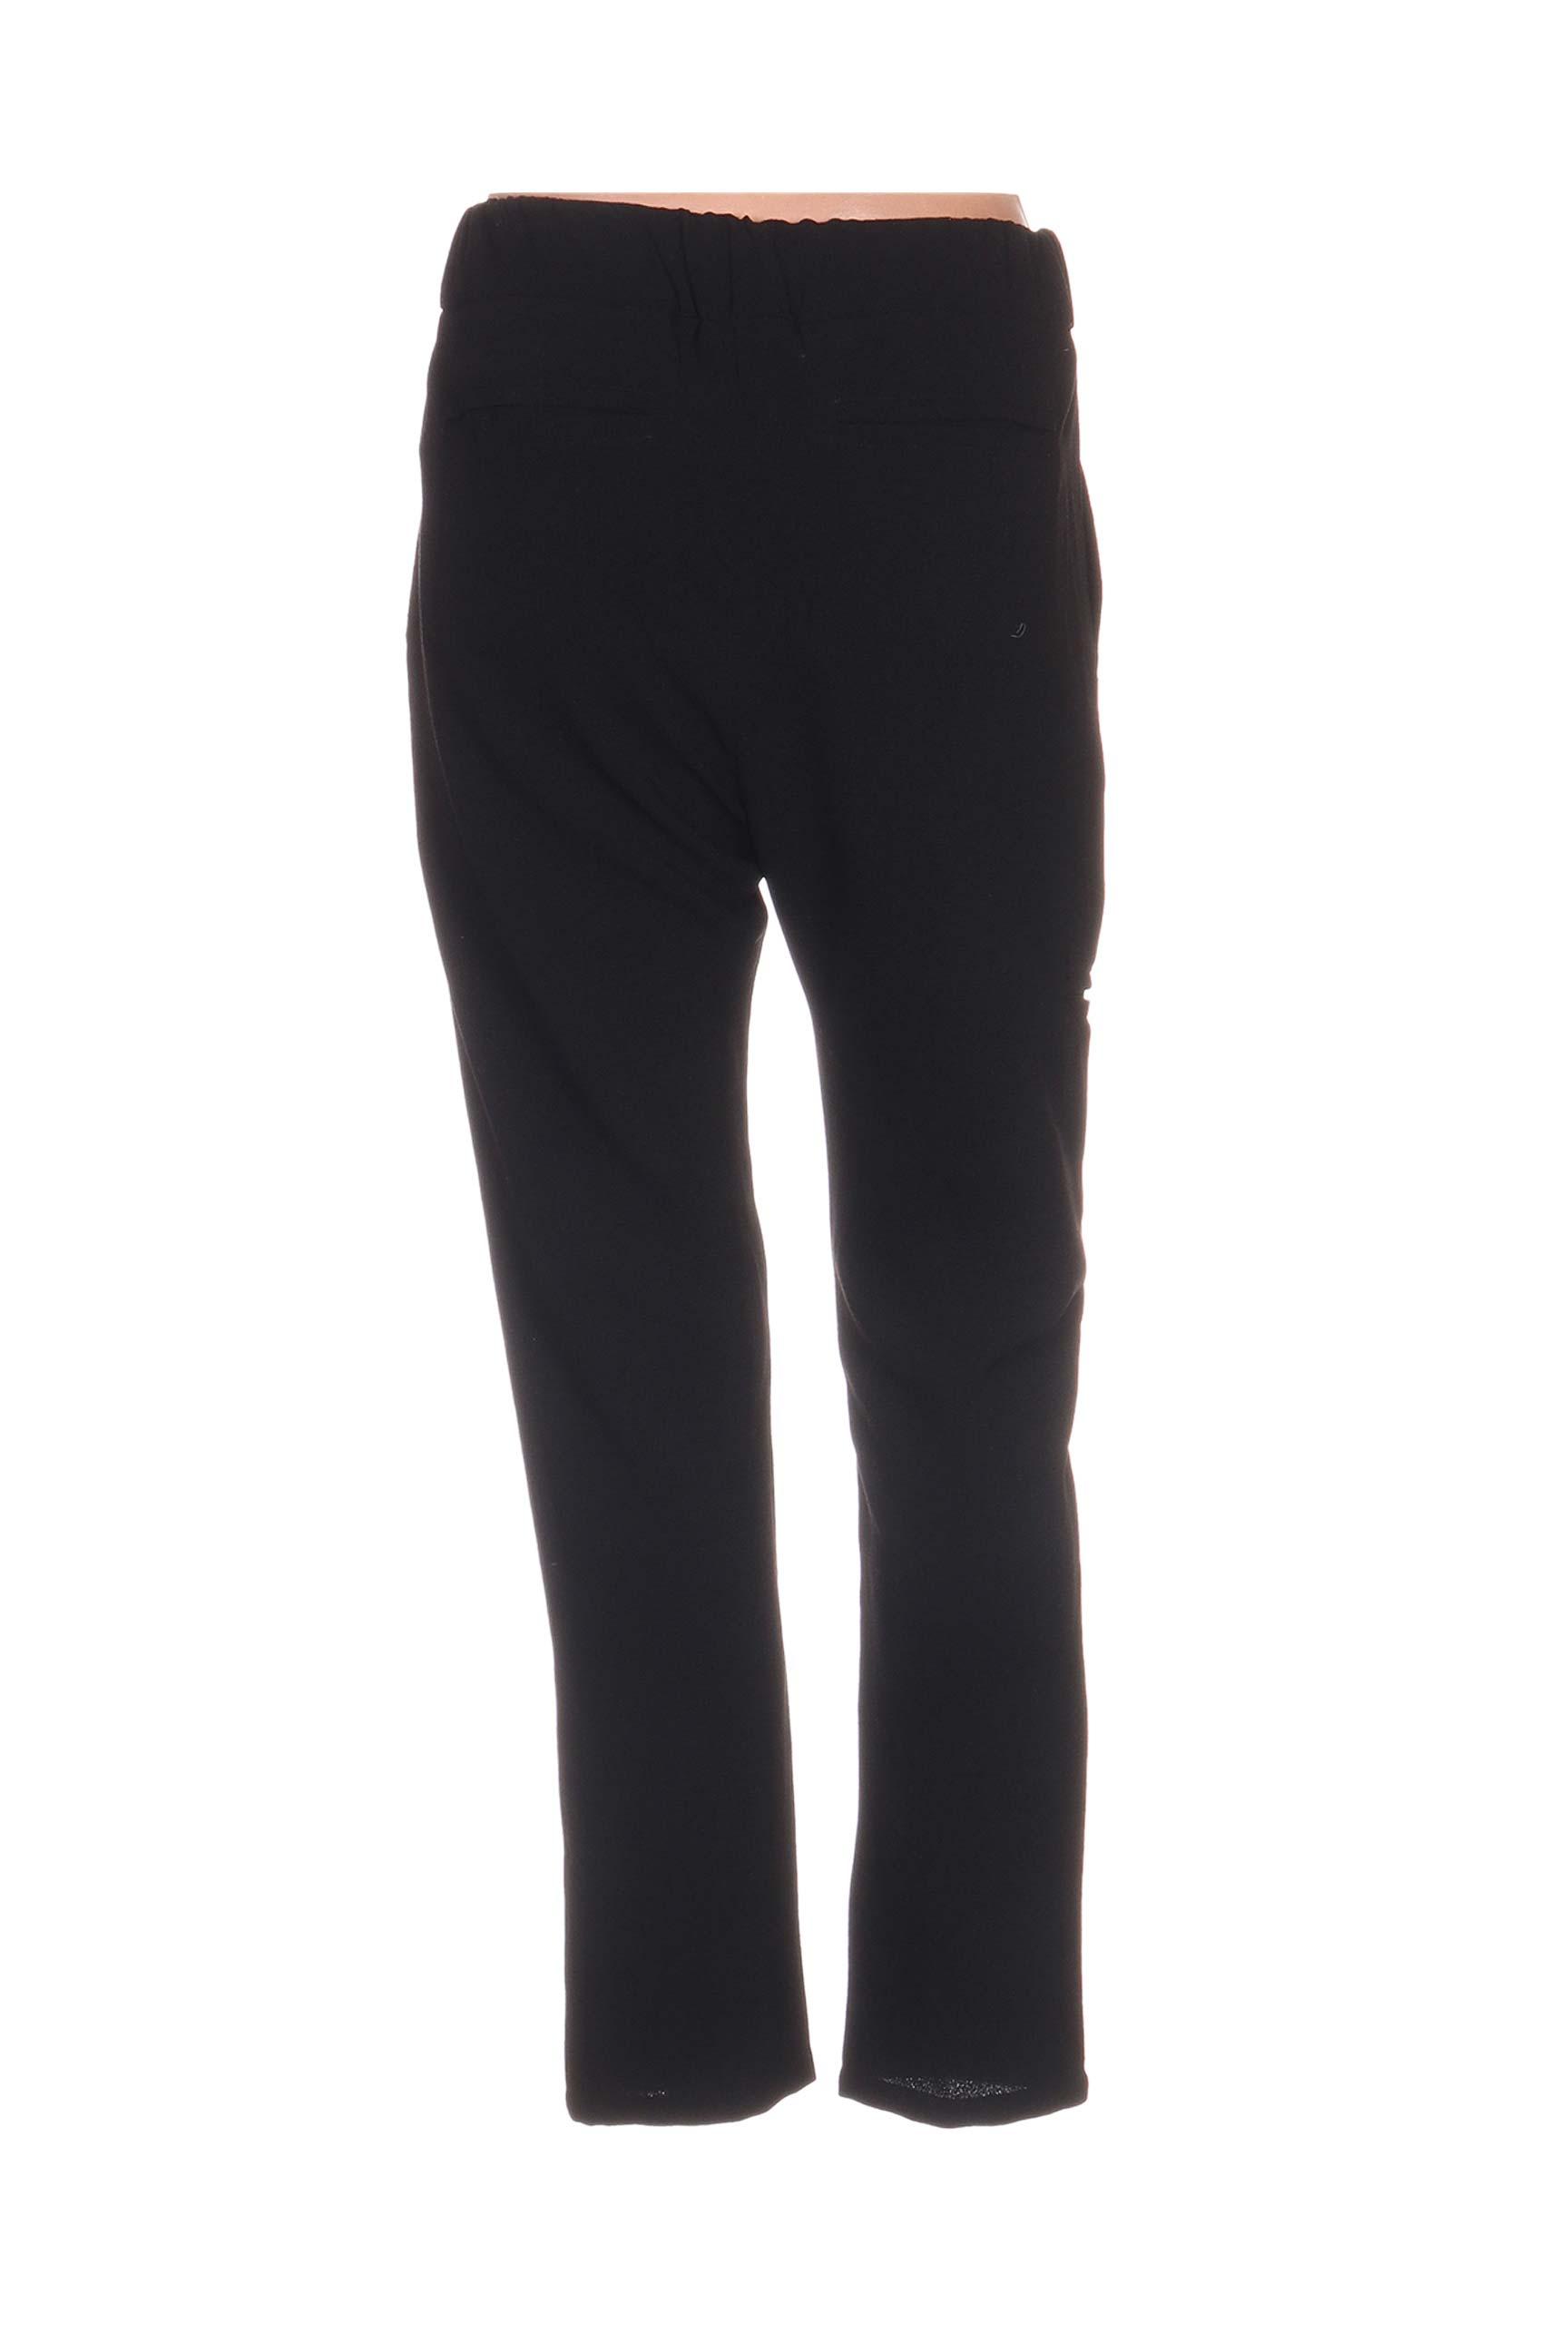 Nue 1904 Pantalons Decontractes Femme De Couleur Noir En Soldes Pas Cher 1104738-noir00